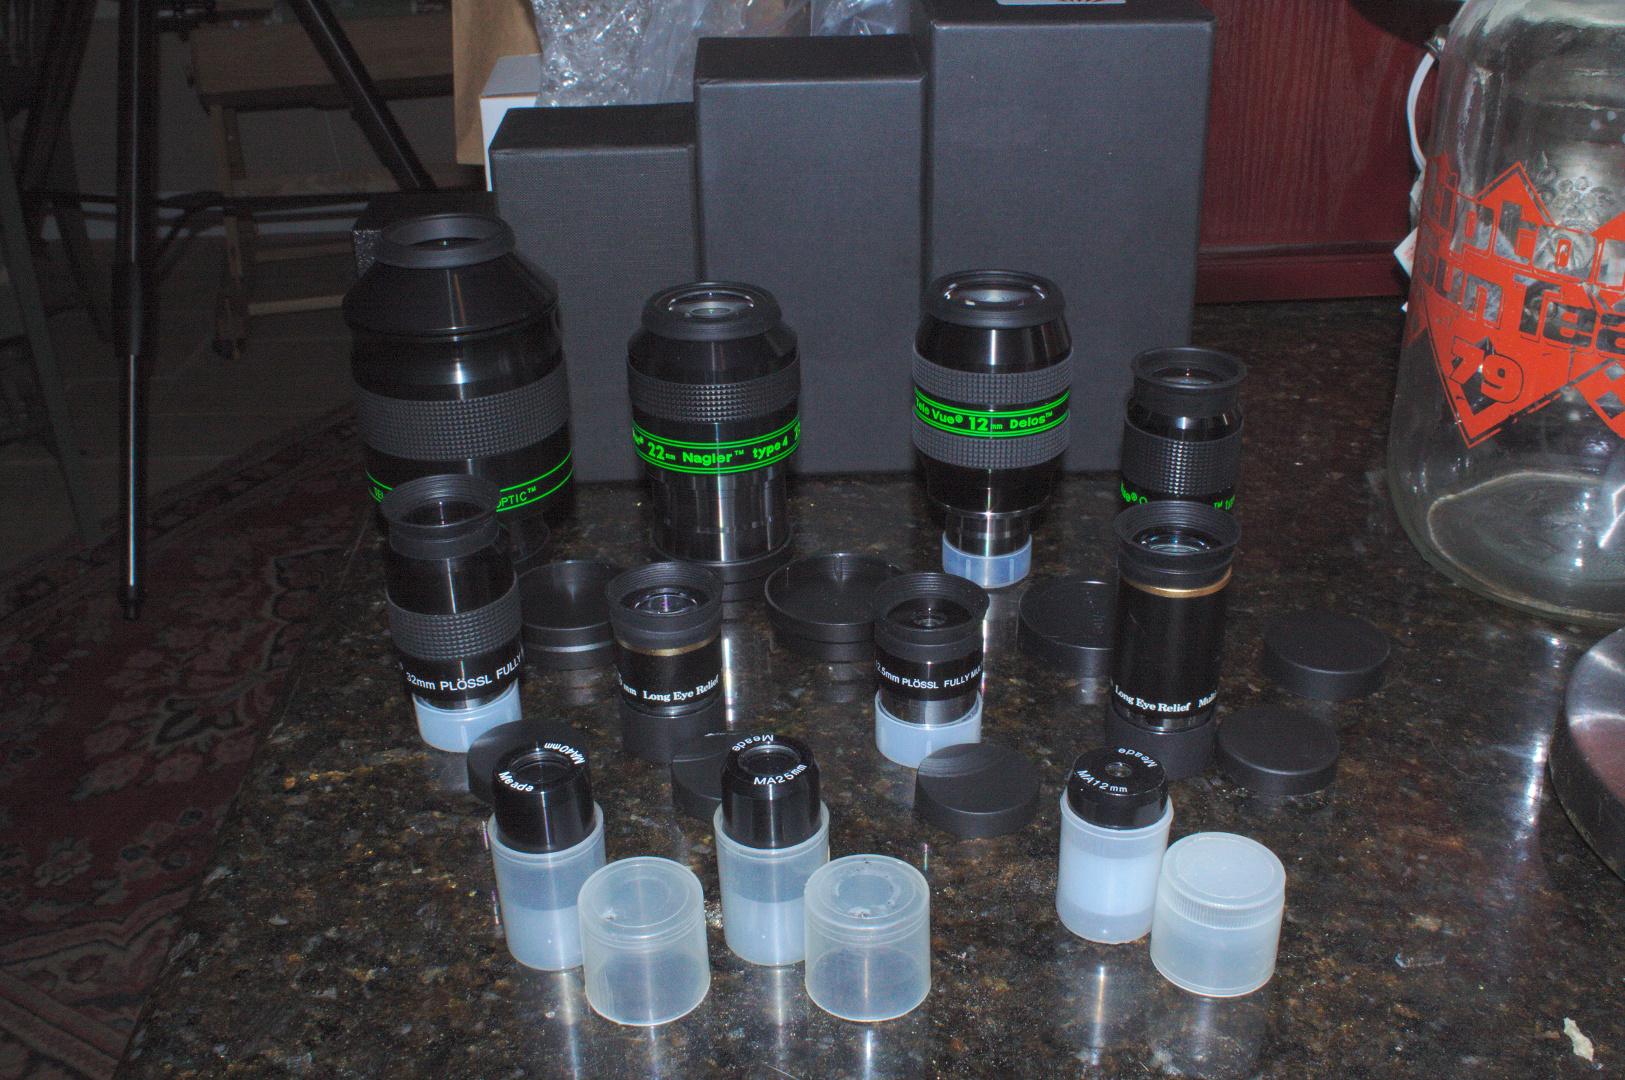 Telescope eyepieces